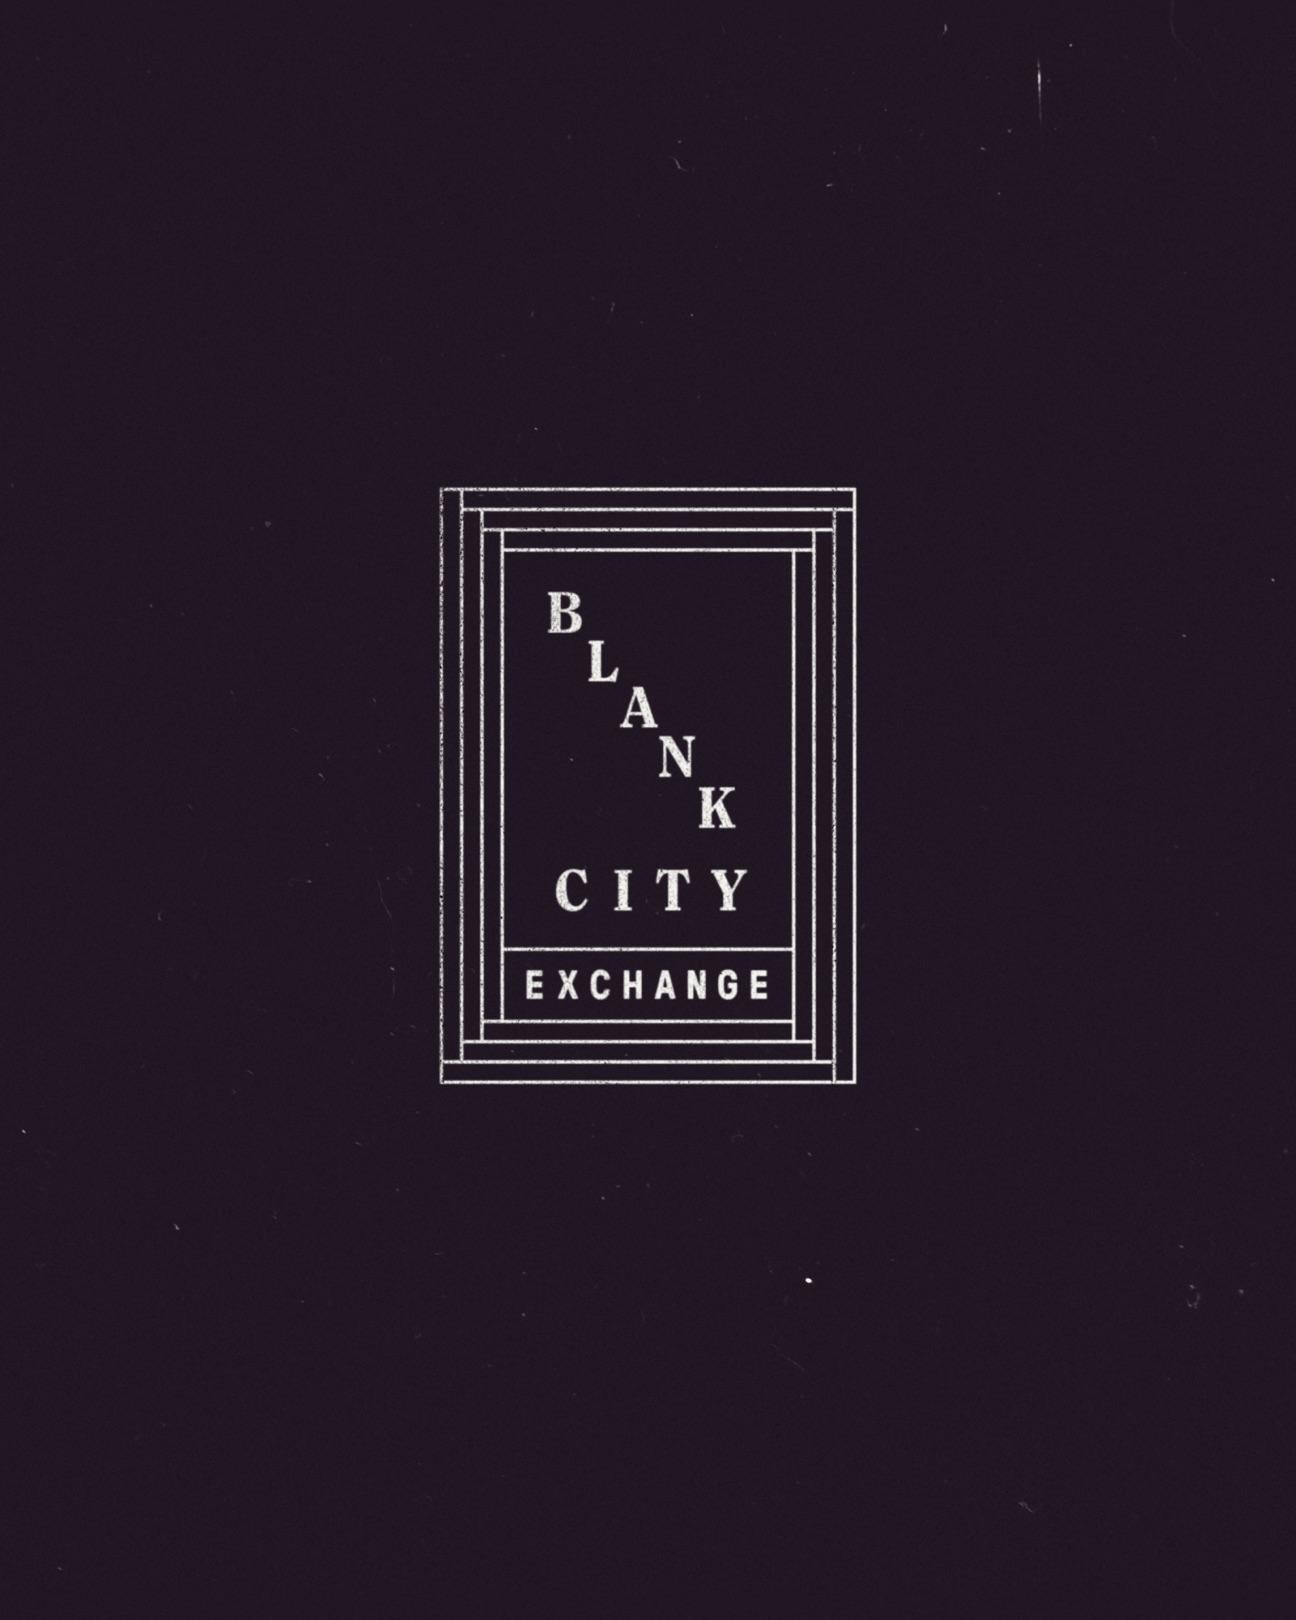 blank_exchange_1296